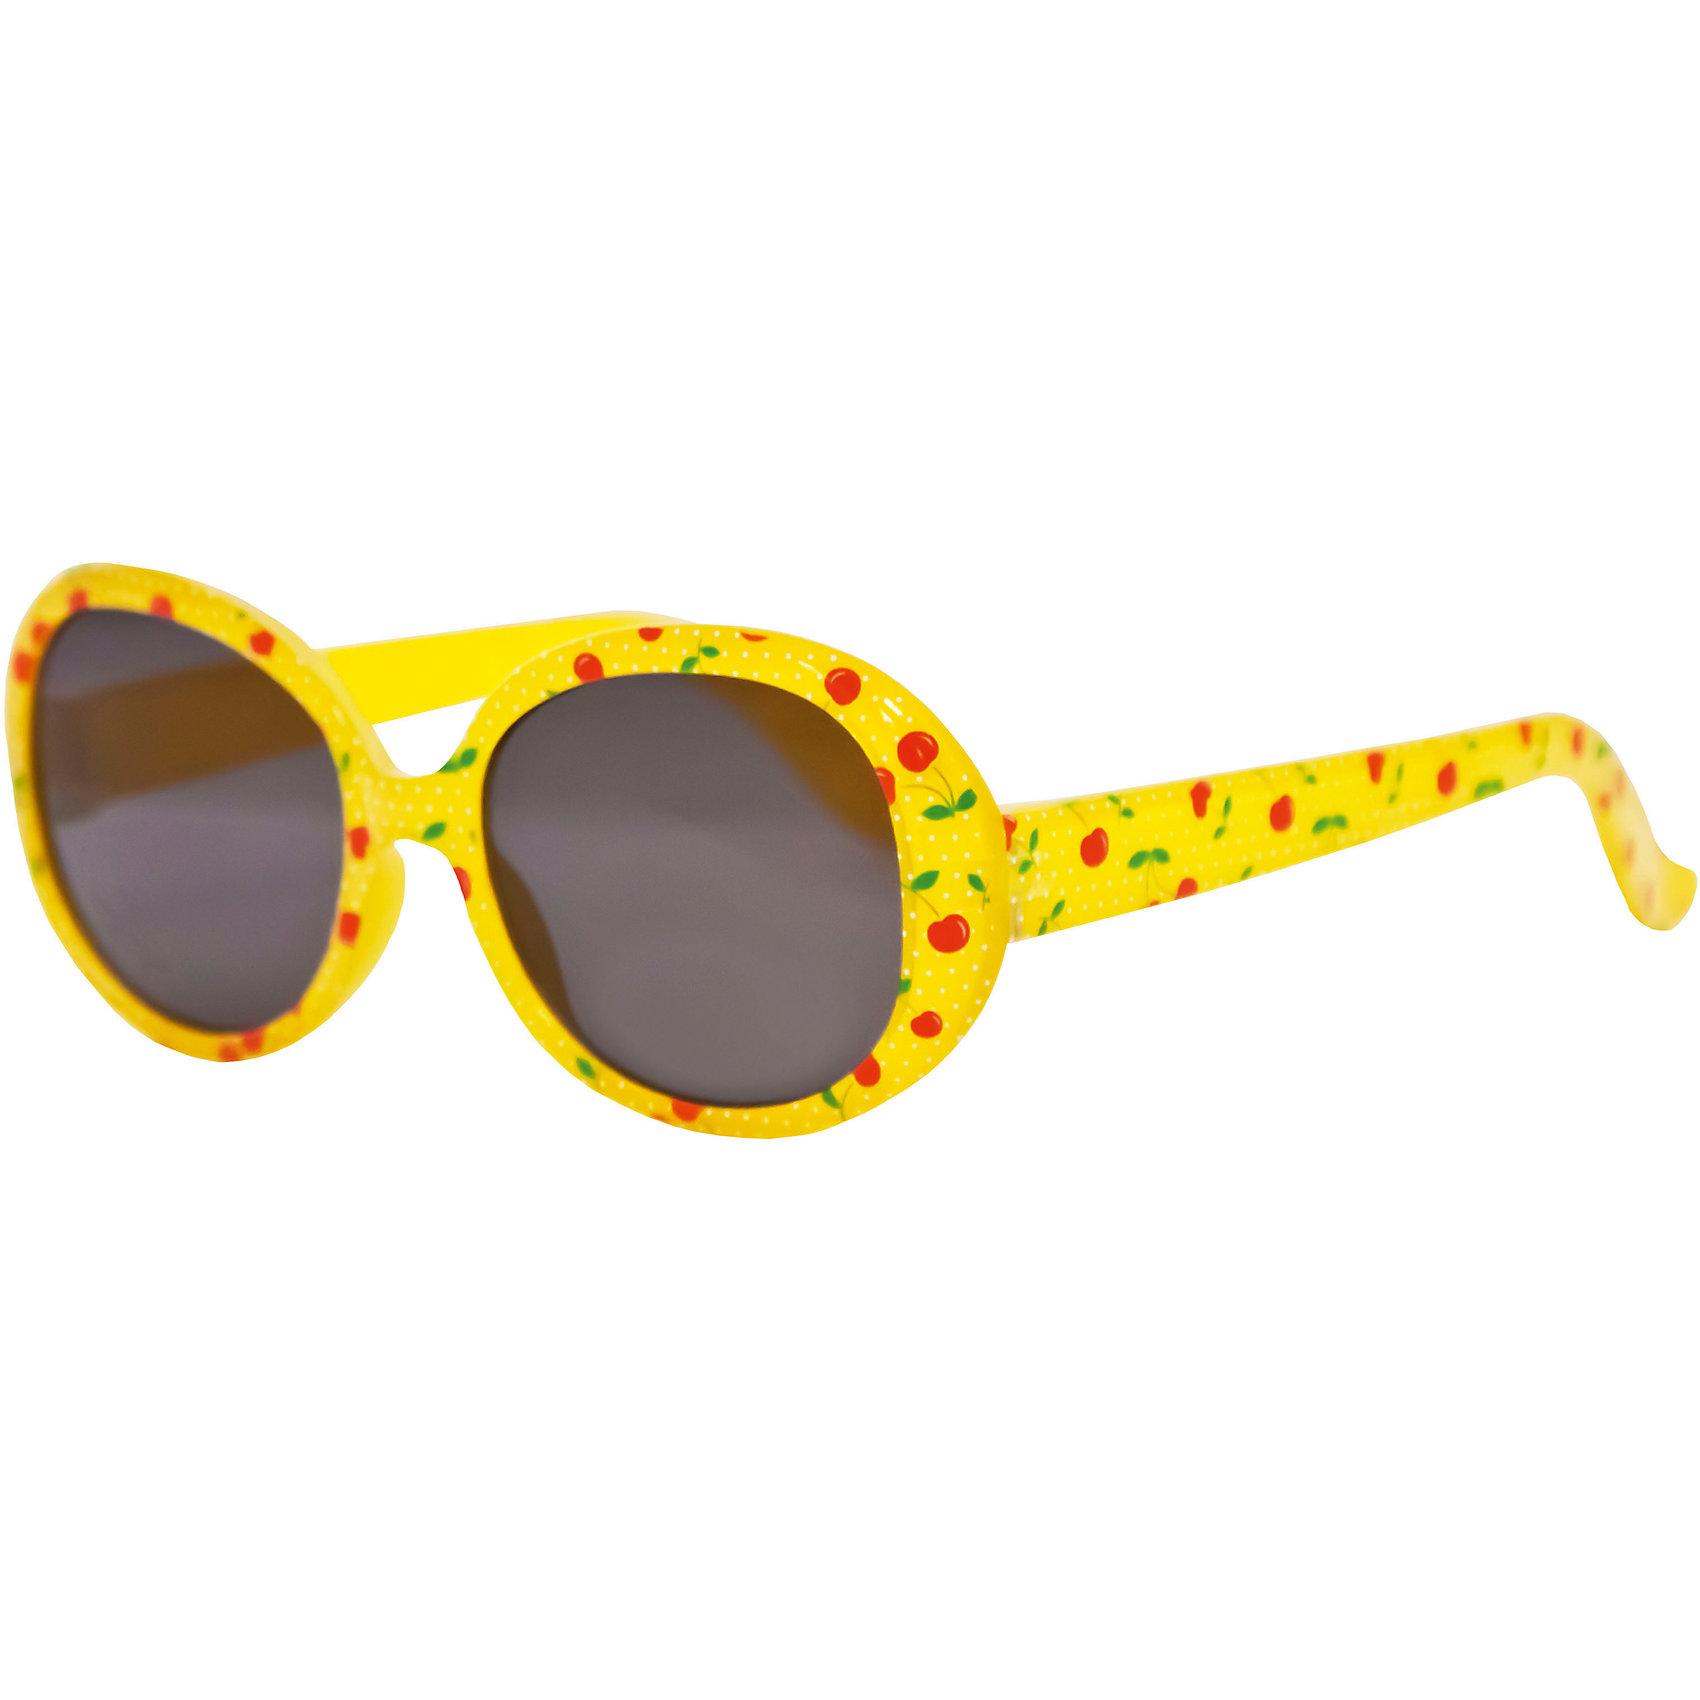 Солнцезащитные очки CaramellaЖелтые солнцезащитные очки «Caramella» со стильным цветочным принтом – это ультрамодный и полезный аксессуар для маленькой модницы. Их пластиковые линзы надежно защищают глаза от коварных ультрафиолетовых лучей, особенно опасных для детских нежных хрусталиков. Удобные дужки комфортно прилегают к голове и почти не ощущаются. Аксессуар изготовлен из пластика, расстояние между дужками на внутренней части очков – 110 мм. Товар произведен в Тайване. Имеется сертификат качества и протокол испытания линз.<br><br>Ширина мм: 170<br>Глубина мм: 157<br>Высота мм: 67<br>Вес г: 117<br>Возраст от месяцев: 36<br>Возраст до месяцев: 2147483647<br>Пол: Женский<br>Возраст: Детский<br>SKU: 4738346